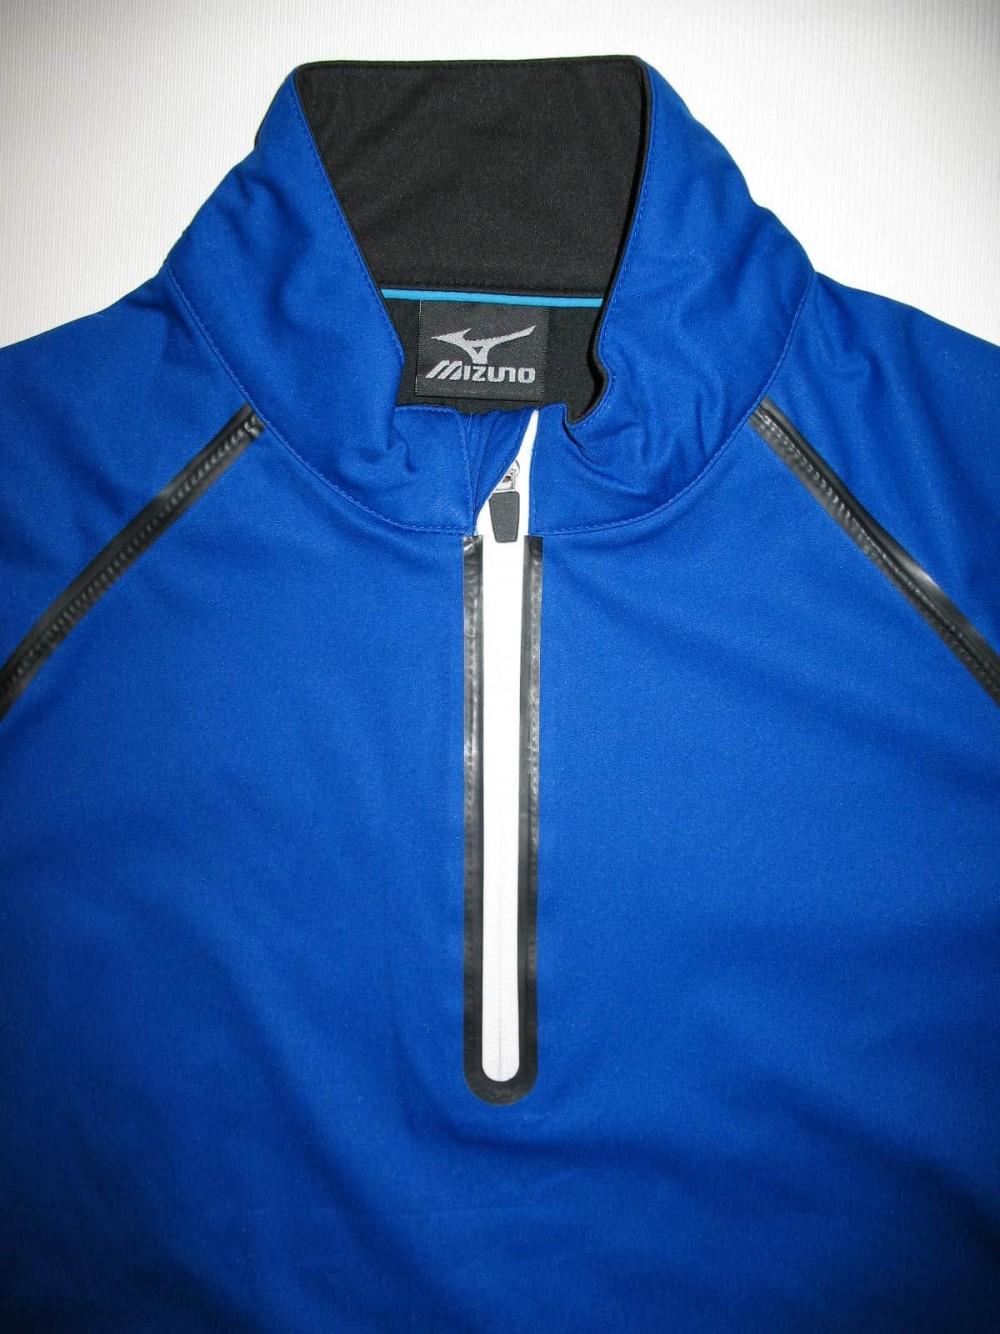 Куртка MIZUNO impermalite flex short sleeve rain jacket (размер XL/XXL) - 2